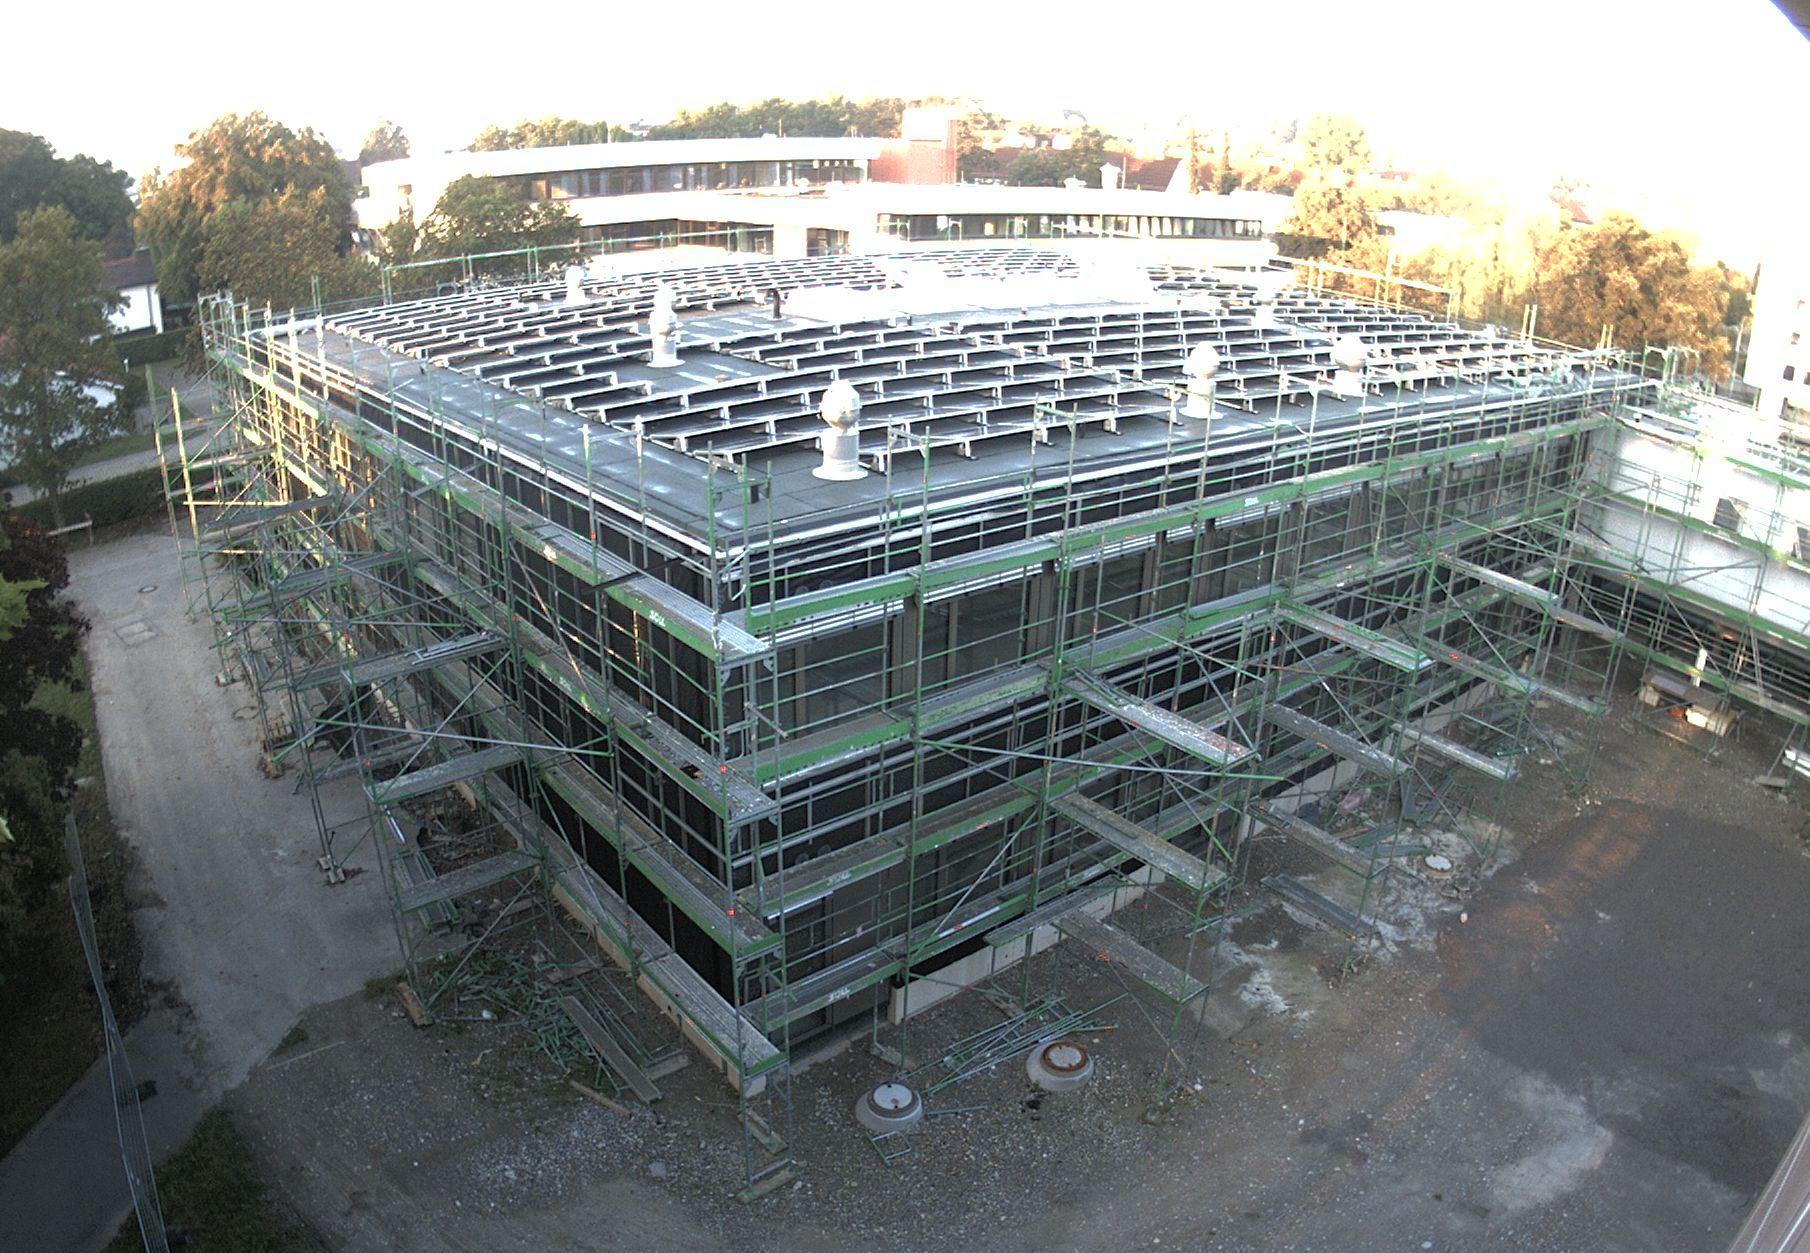 Auf dem Dach des neuen Fachklassentrakts wurde bereits eine Photovoltaik-Anlage installiert.